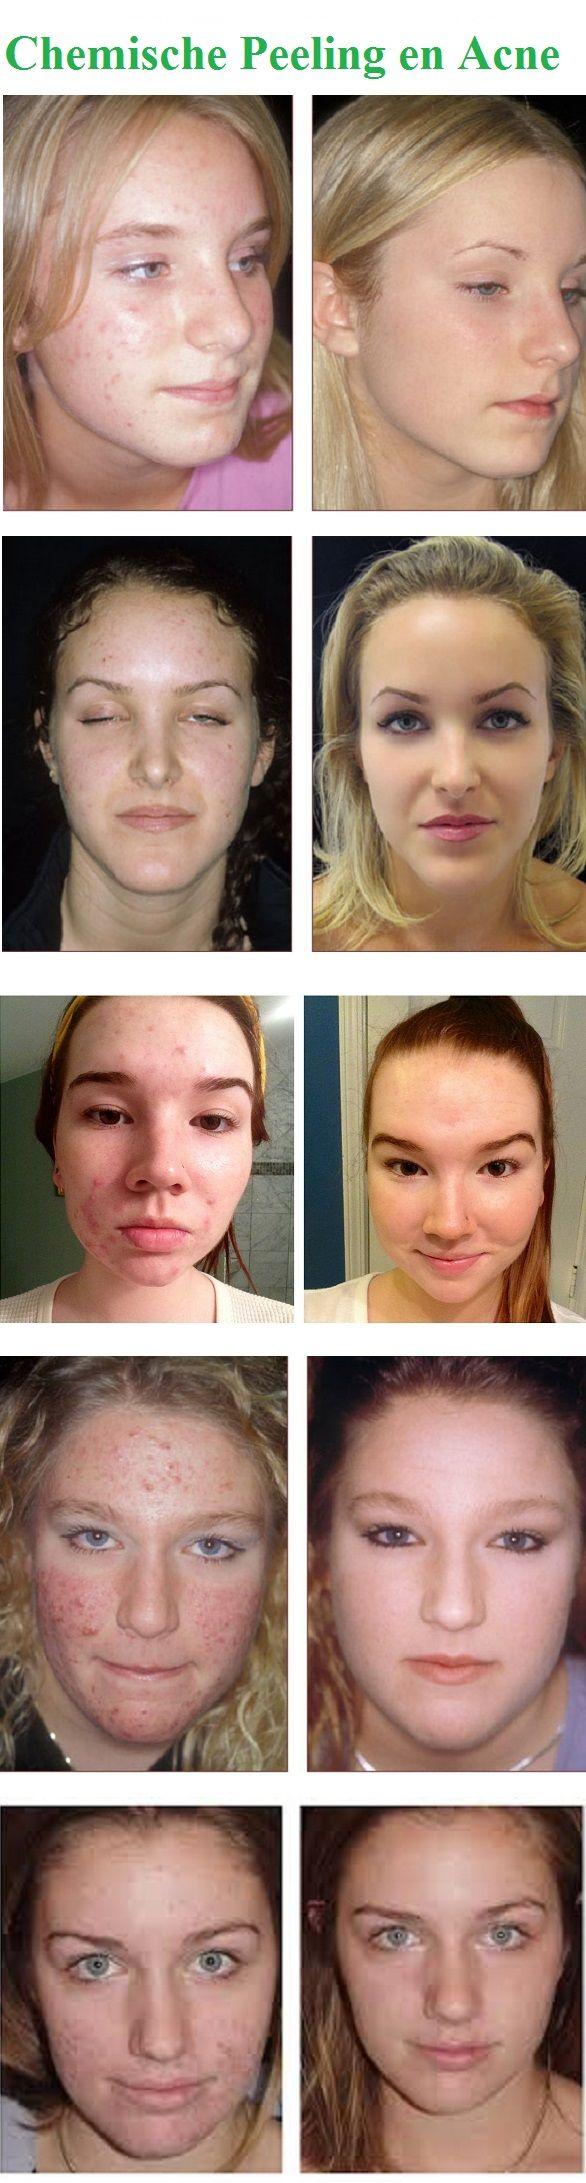 Een techniek die speciaal is ontwikkeld om acne, acnelittekens en andere ongewenste huidaandoeningen te verminderen is de fruitzuur of chemische peeling. Afhankelijk van de ernst van de acne klachten wordt gebruikt gemaakt van glycolzuur, salicylzuur, melkzuur, resorcinol, trichloorazijnzuur